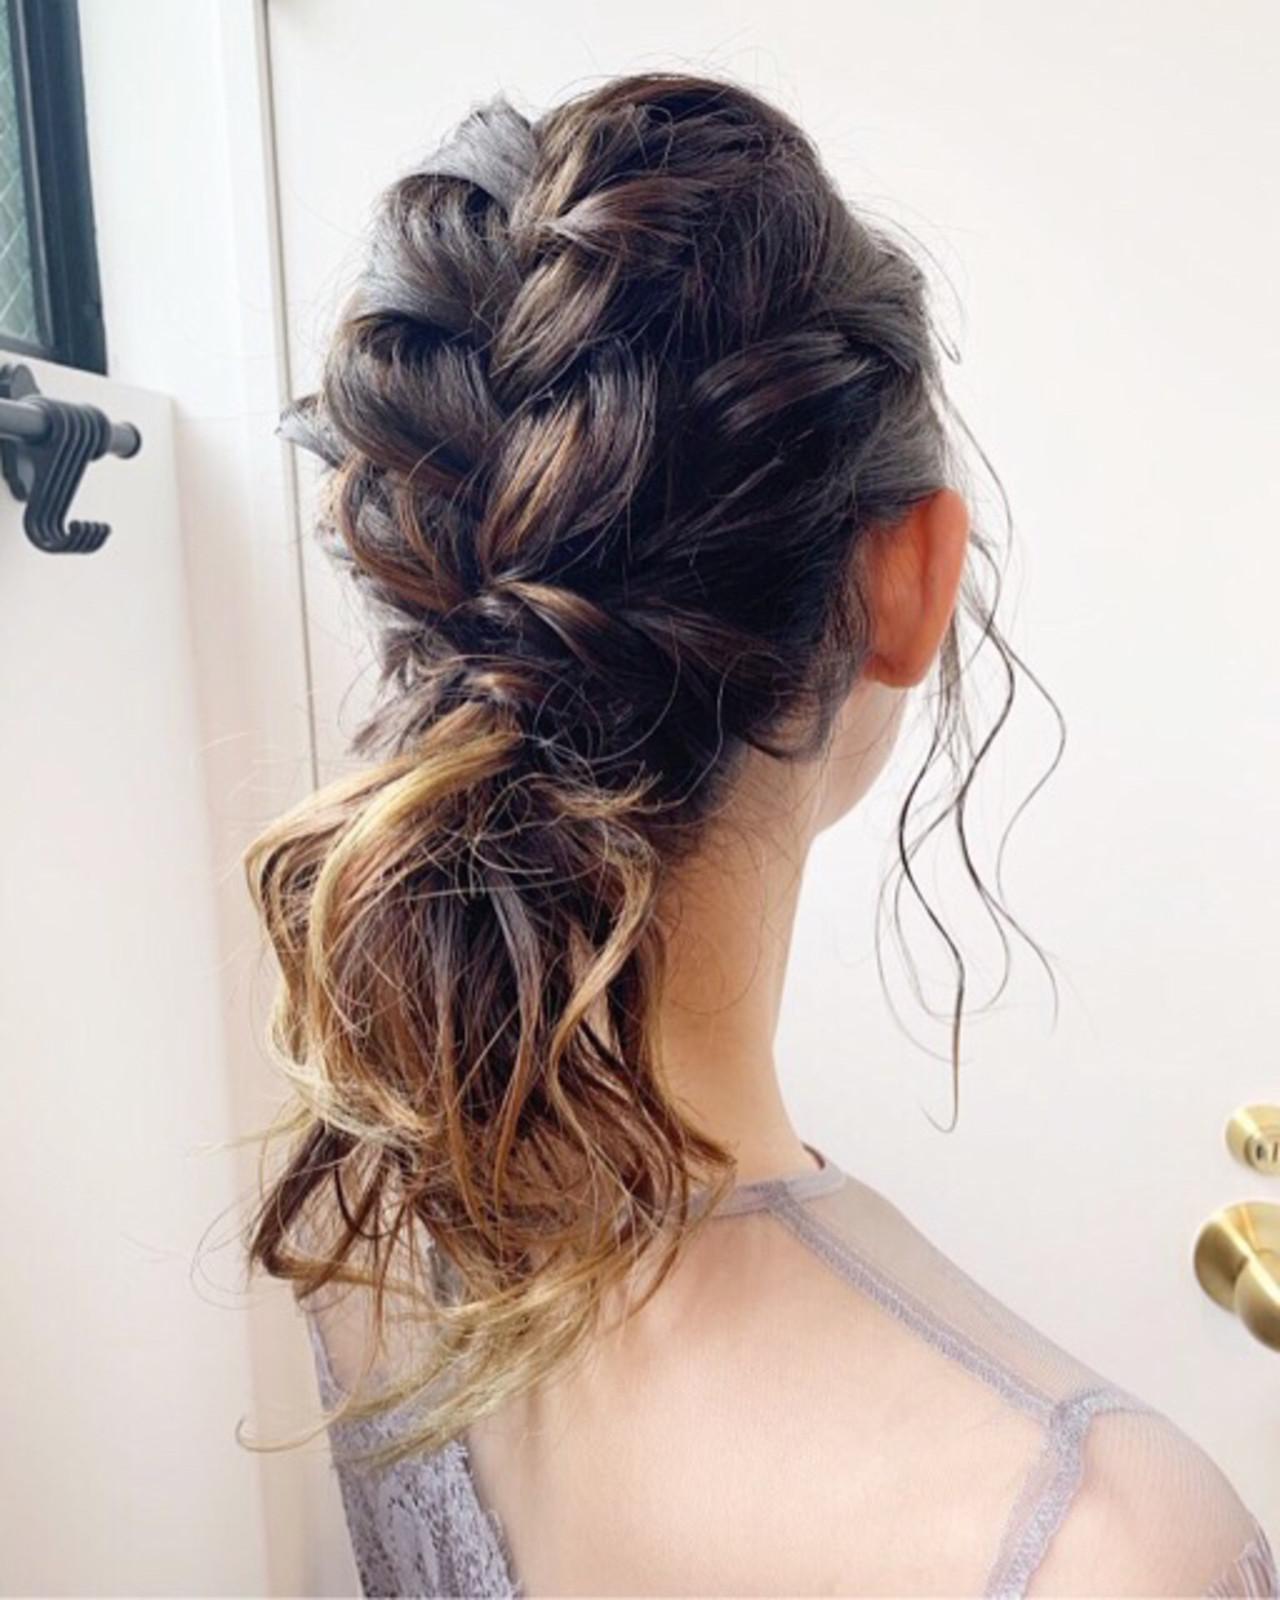 結婚式 アッシュグラデーション ヘアアレンジ ミディアム ヘアスタイルや髪型の写真・画像 | COM PASS 太一 / COM PASS